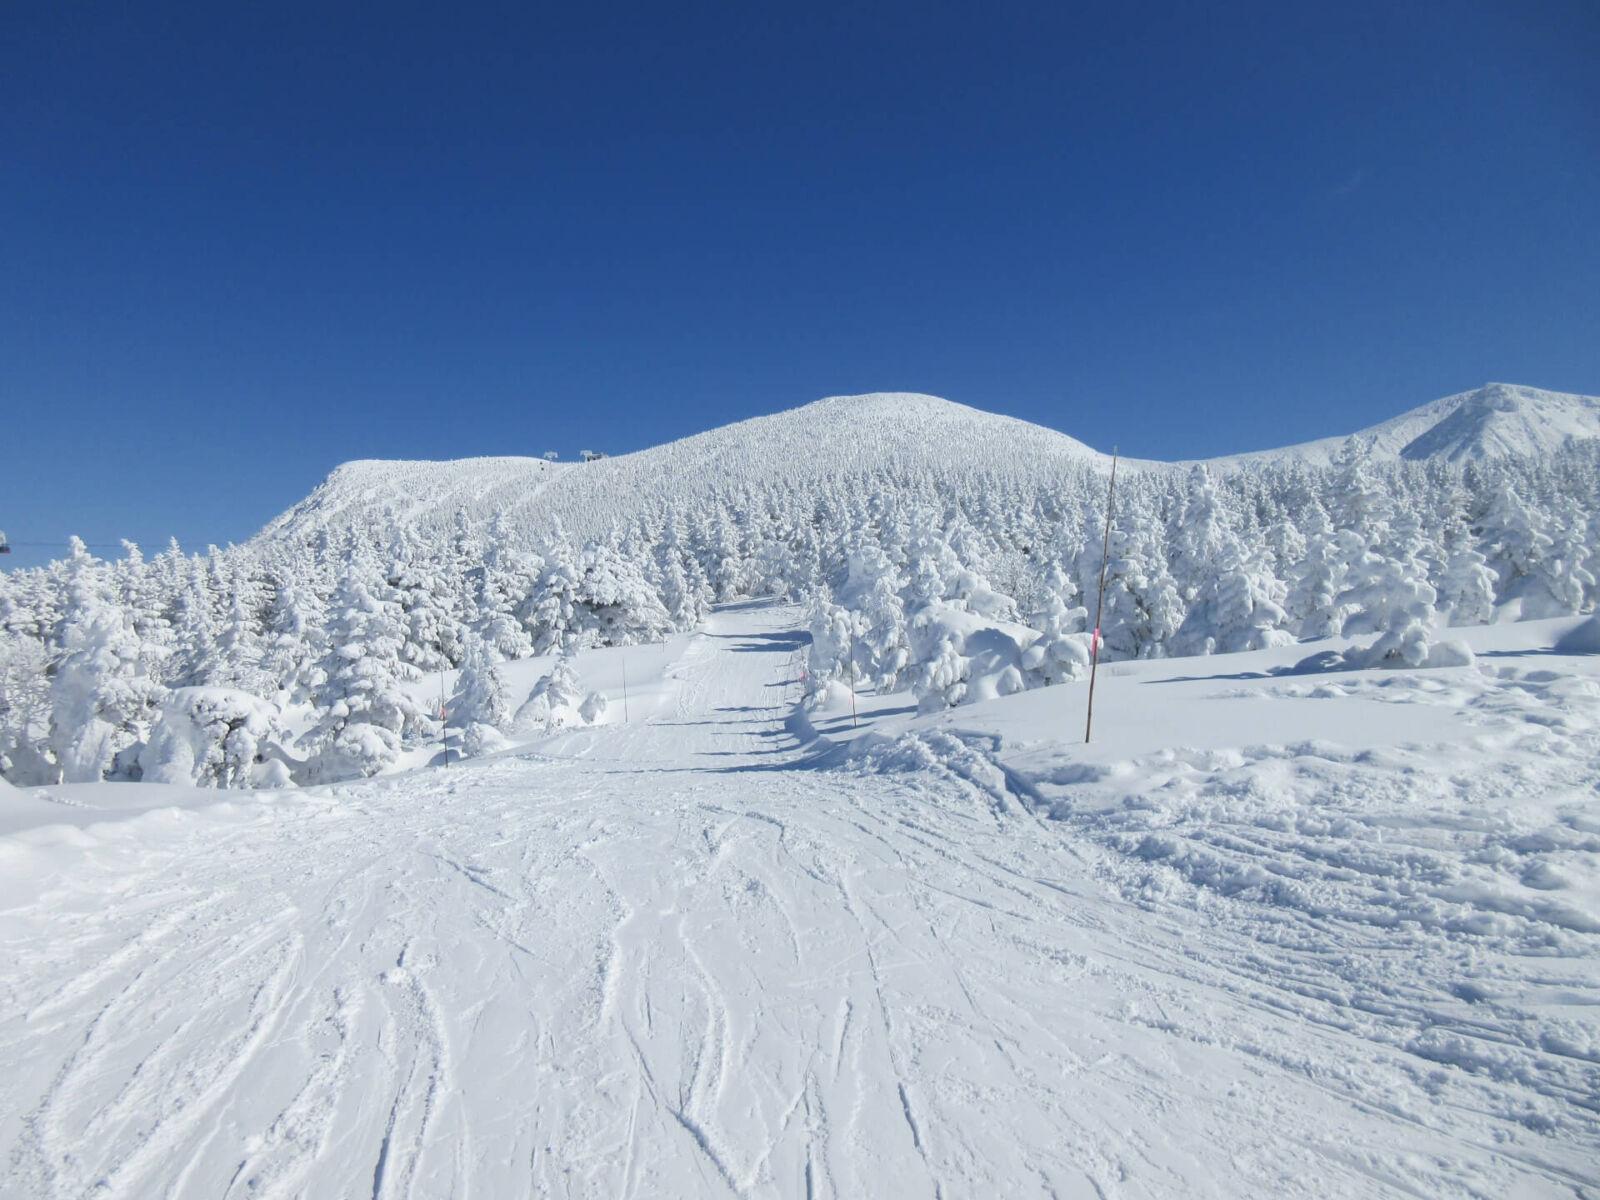 zao-onsen-ski-resort